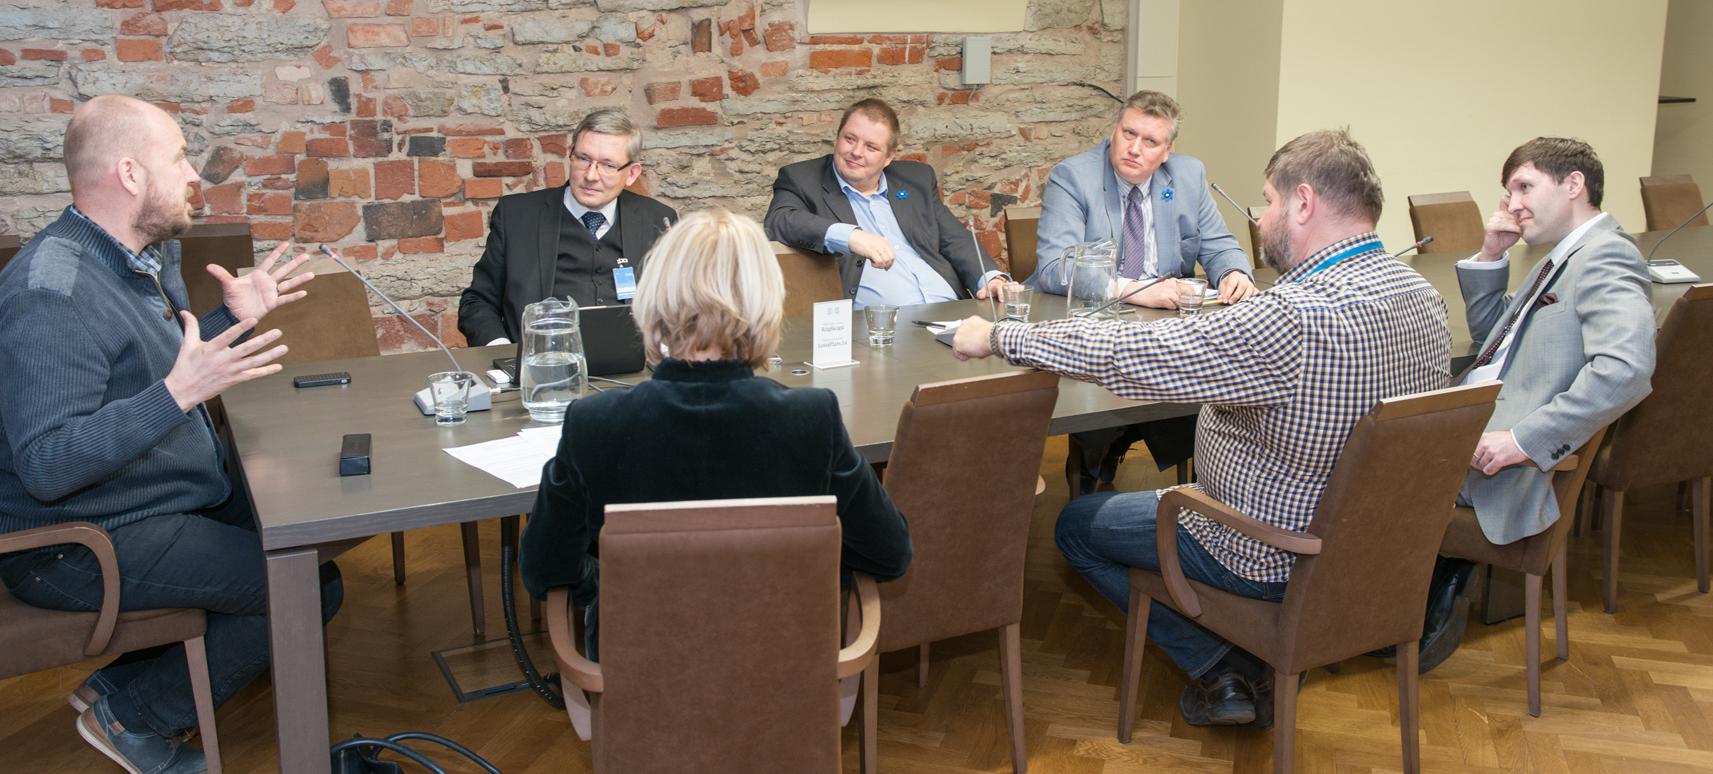 Vasakult paremale: Artur Talvik (Vabaerakond), Mart Raudsaar (Riigikogu Toimetiste peatoimetaja), Erki Savisaar (Keskerakond), Jaanus Marrandi (Sotsiaaldemokraatlik Erakond), Martin Helme (Eesti Konservatiivne Rahvaerakond), Mart Nutt (Isamaa ja Res Publica Liit) ja Urve Tiidus (Reformierakond). Foto: Erik Peinar